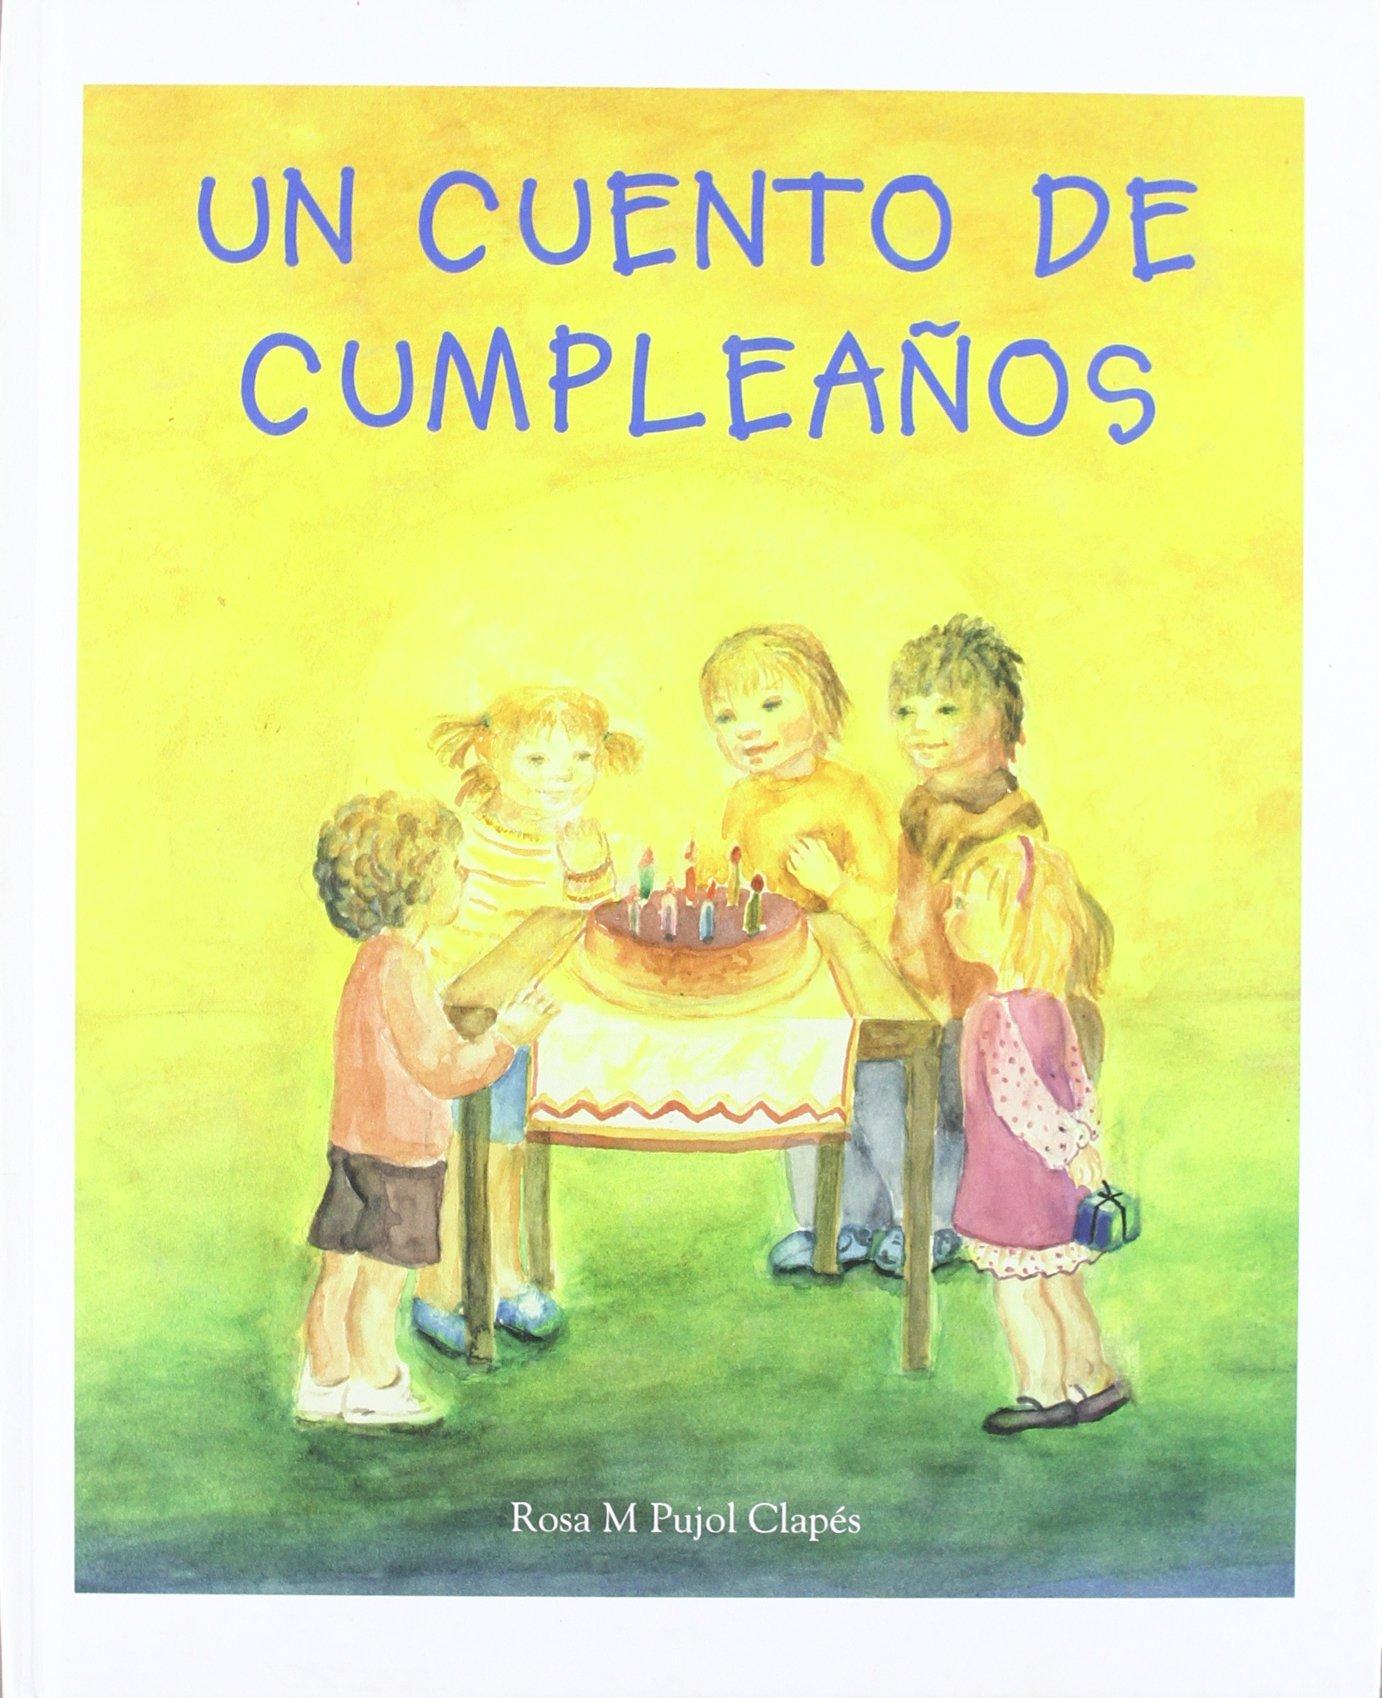 Cuento de cumpleaños serie creciendo de Cuento recogido por ...